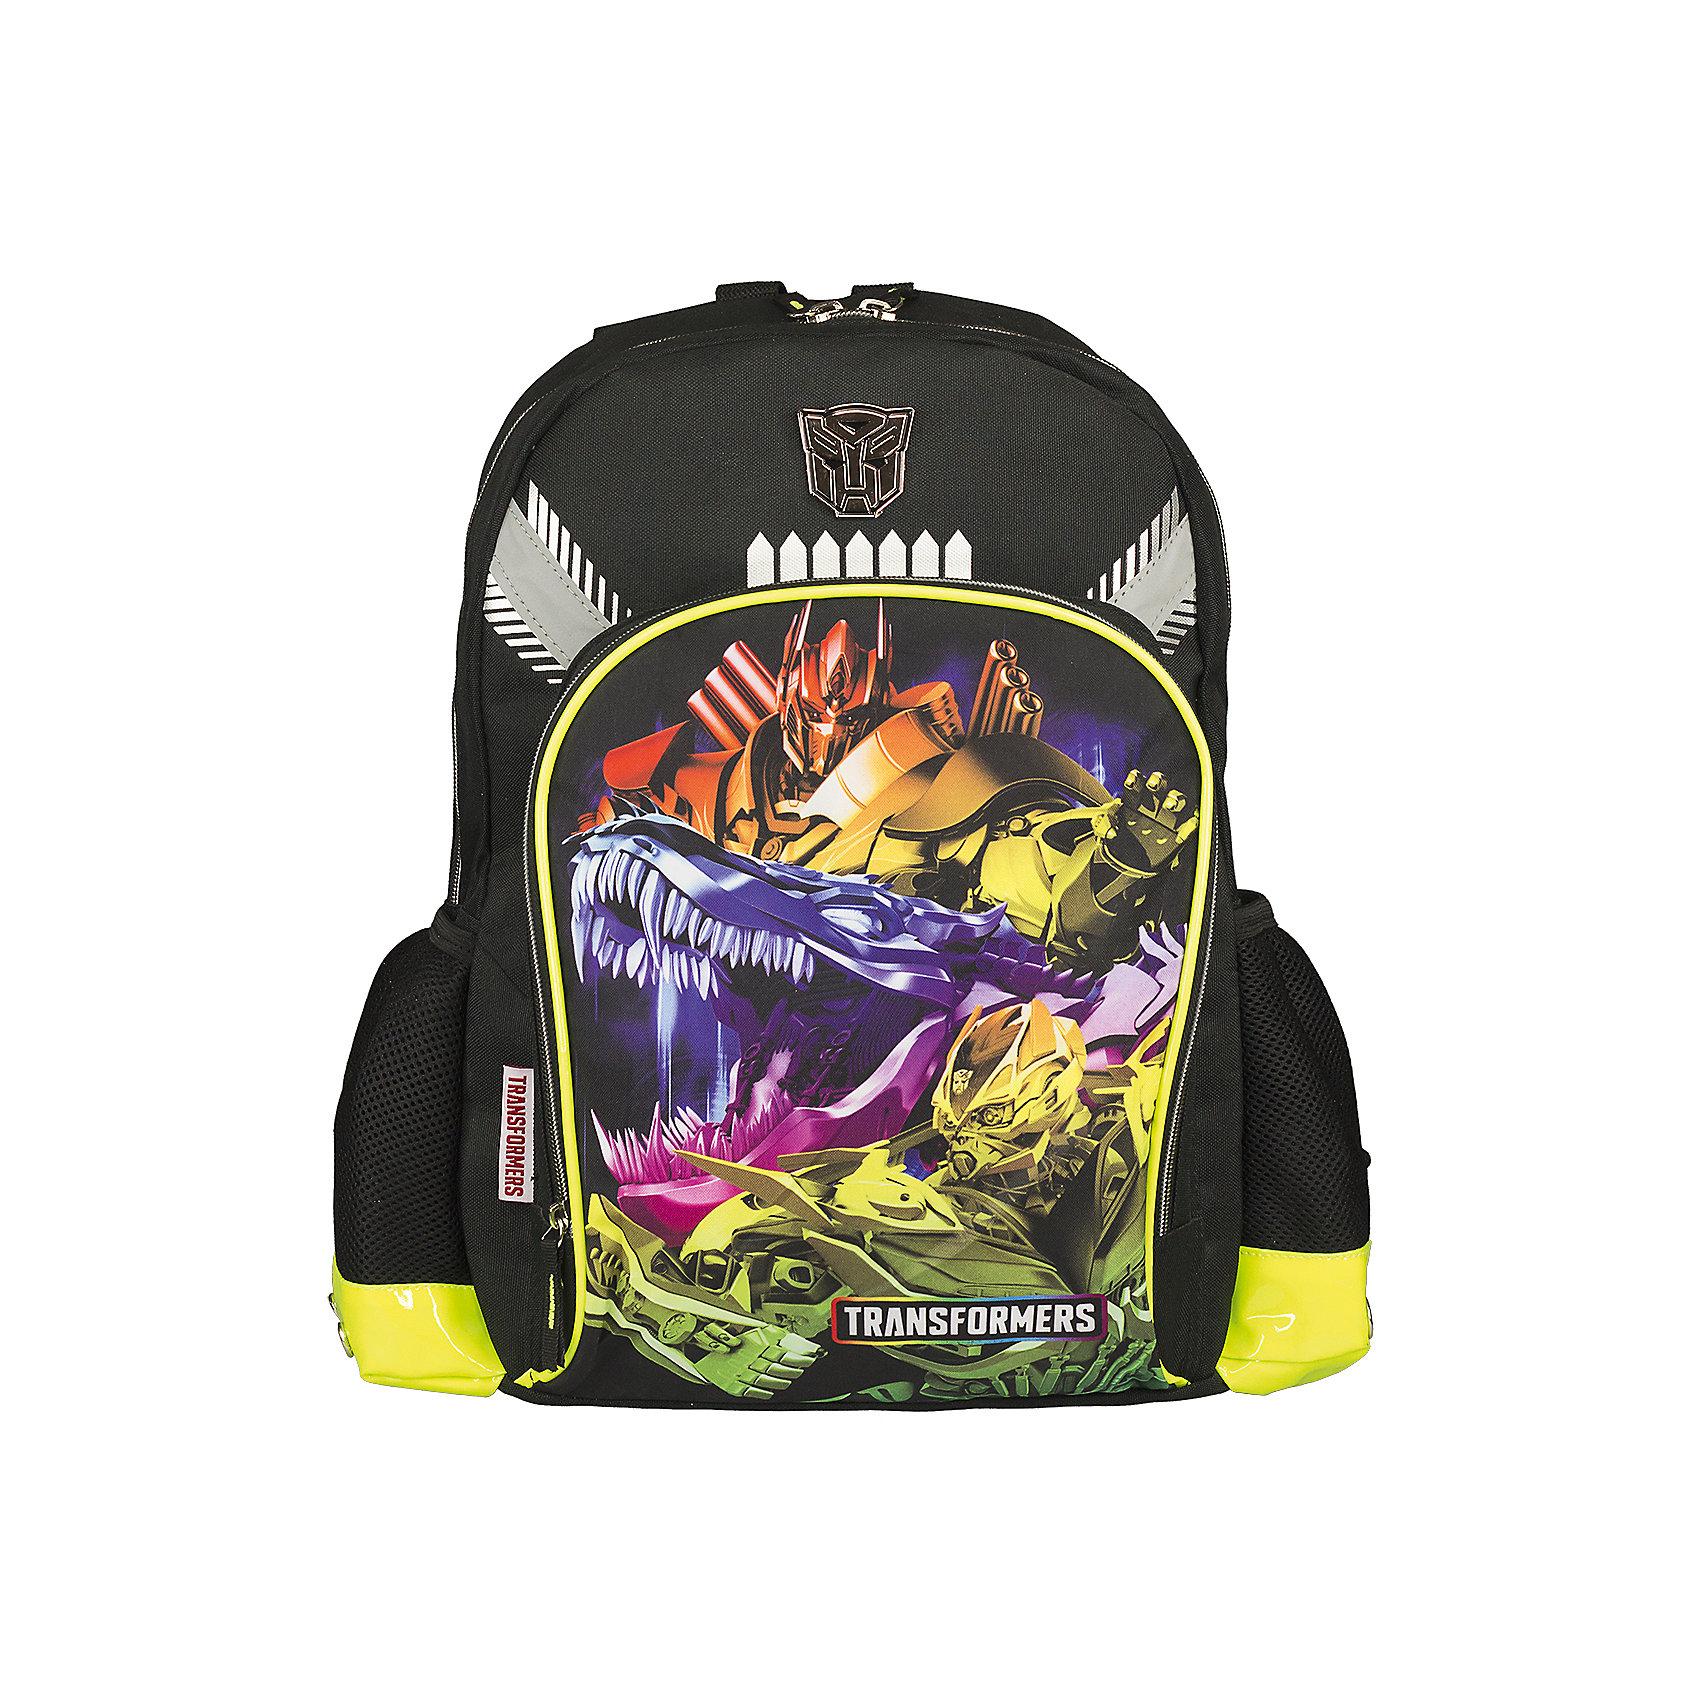 Школьный рюкзак, ТрансформерыРюкзак, мягкая спинка, Transformers (Трансформеры) – прекрасный подарок вашему ребенку, поклоннику мультсериала Трансформеры.<br>В такой рюкзачок поместятся книги, тетради, предметы школьной канцелярии, а также разные мелочи для личного пользования. Изюминкой этой модели является оригинальный принт, выполненный по мотивам мультфильма Трансформеры. Спинка рюкзака, обтянута «дышащей» сетчатой тканью, которая выступает в роли вентиляционной системы. Она обеспечивает хорошую проницаемость и циркуляцию воздуха между задней стенкой и спиной ребенка. Лямки регулируются в зависимости от роста ребенка. Сверху у рюкзака есть удобная ручка для переноски. Рюкзак имеет основное отделение, закрывающееся на застежку молнию, большой внешний карман на молнии, два боковых сетчатых кармашка. Рюкзак изготовлен из прочного материала, устойчивого к влаге и грязи.<br><br>Дополнительная информация:<br><br>- Вес: 579 гр.<br>- Размер: 40х30х13 см.<br>- Материал: полиэстер<br><br>Рюкзак, мягкая спинка, Transformers (Трансформеры)- теперь ваш ребенок не забудет взять с собой письменные принадлежности и тетради!<br><br>Рюкзак, мягкая спинка, Transformers (Трансформеры) можно купить в нашем интернет-магазине.<br><br>Ширина мм: 130<br>Глубина мм: 400<br>Высота мм: 300<br>Вес г: 579<br>Возраст от месяцев: 96<br>Возраст до месяцев: 108<br>Пол: Мужской<br>Возраст: Детский<br>SKU: 3563183